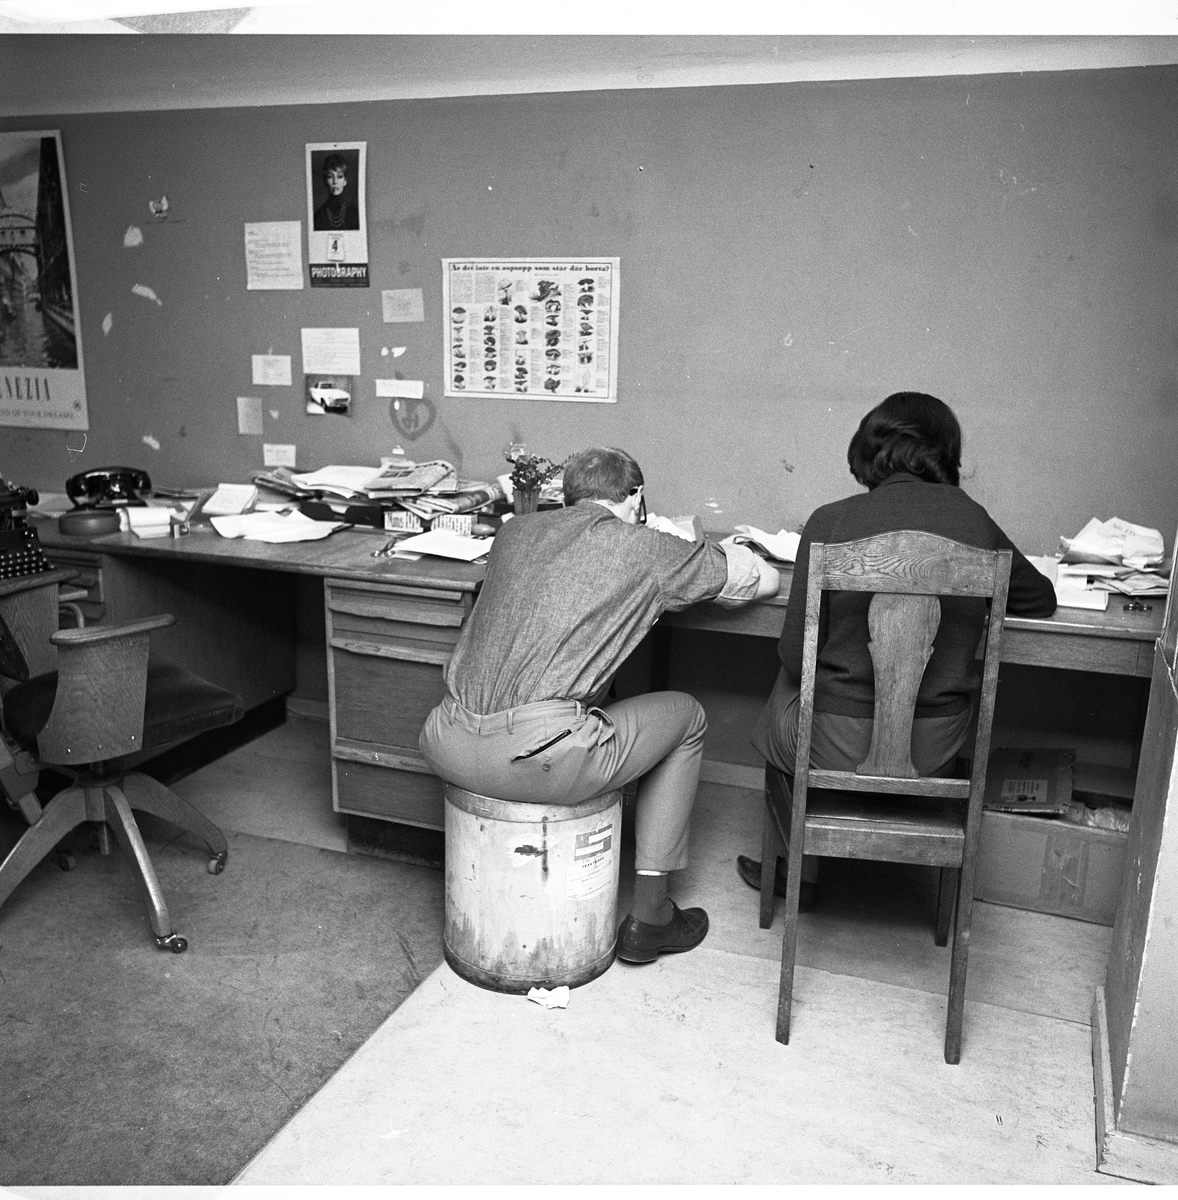 Arboga Tidning, personal och interiör. Två journalister arbetar vid samma skrivbord.  De har ryggen mot fotografen. Mannen sitter på en papperskorg och kvinnan på en trästol. Till vänster om dem finns en obemannad arbetsplats med en telefon och en arbetsstol på hjul. En skrivmaskin skymtar. På väggen sitter bland annat en affisch med olika svampar.